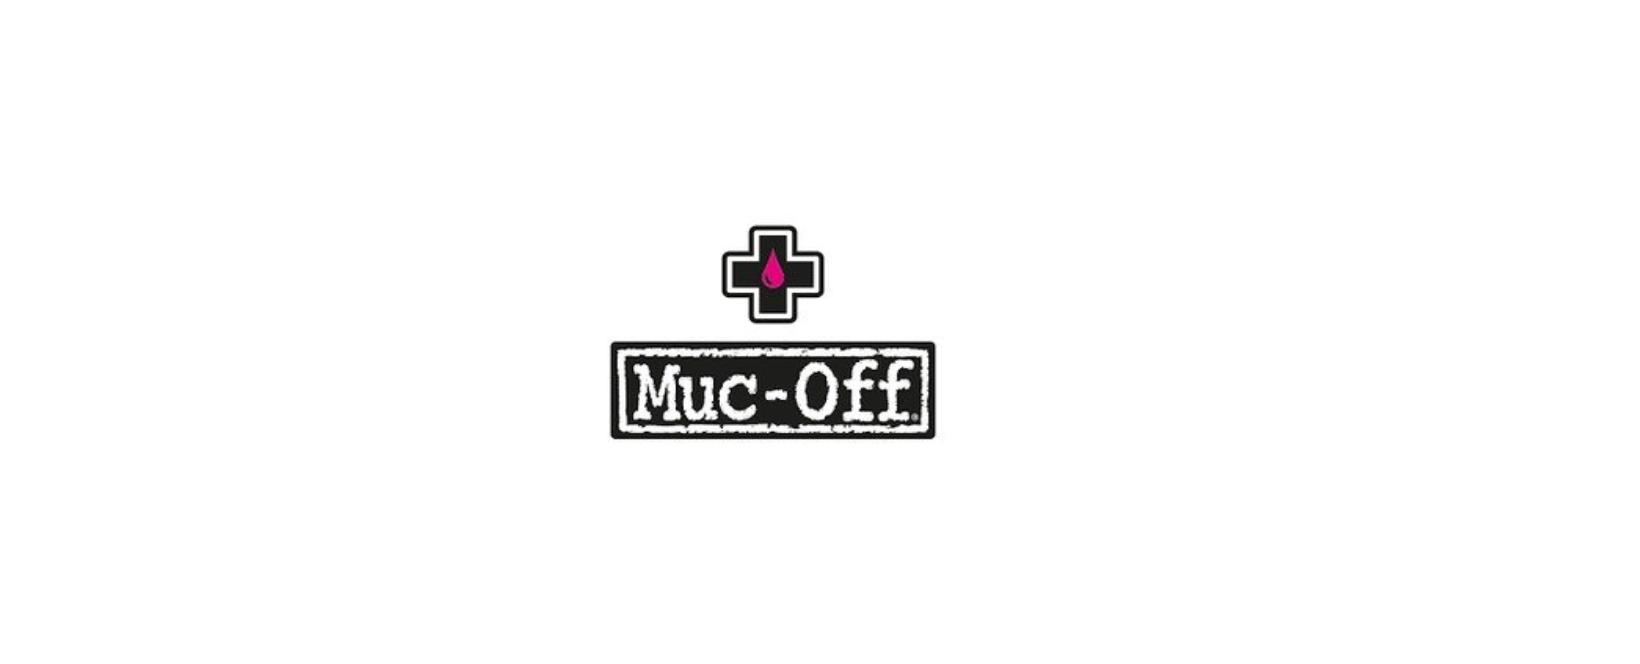 Muc-Off UK Discount Code 2021